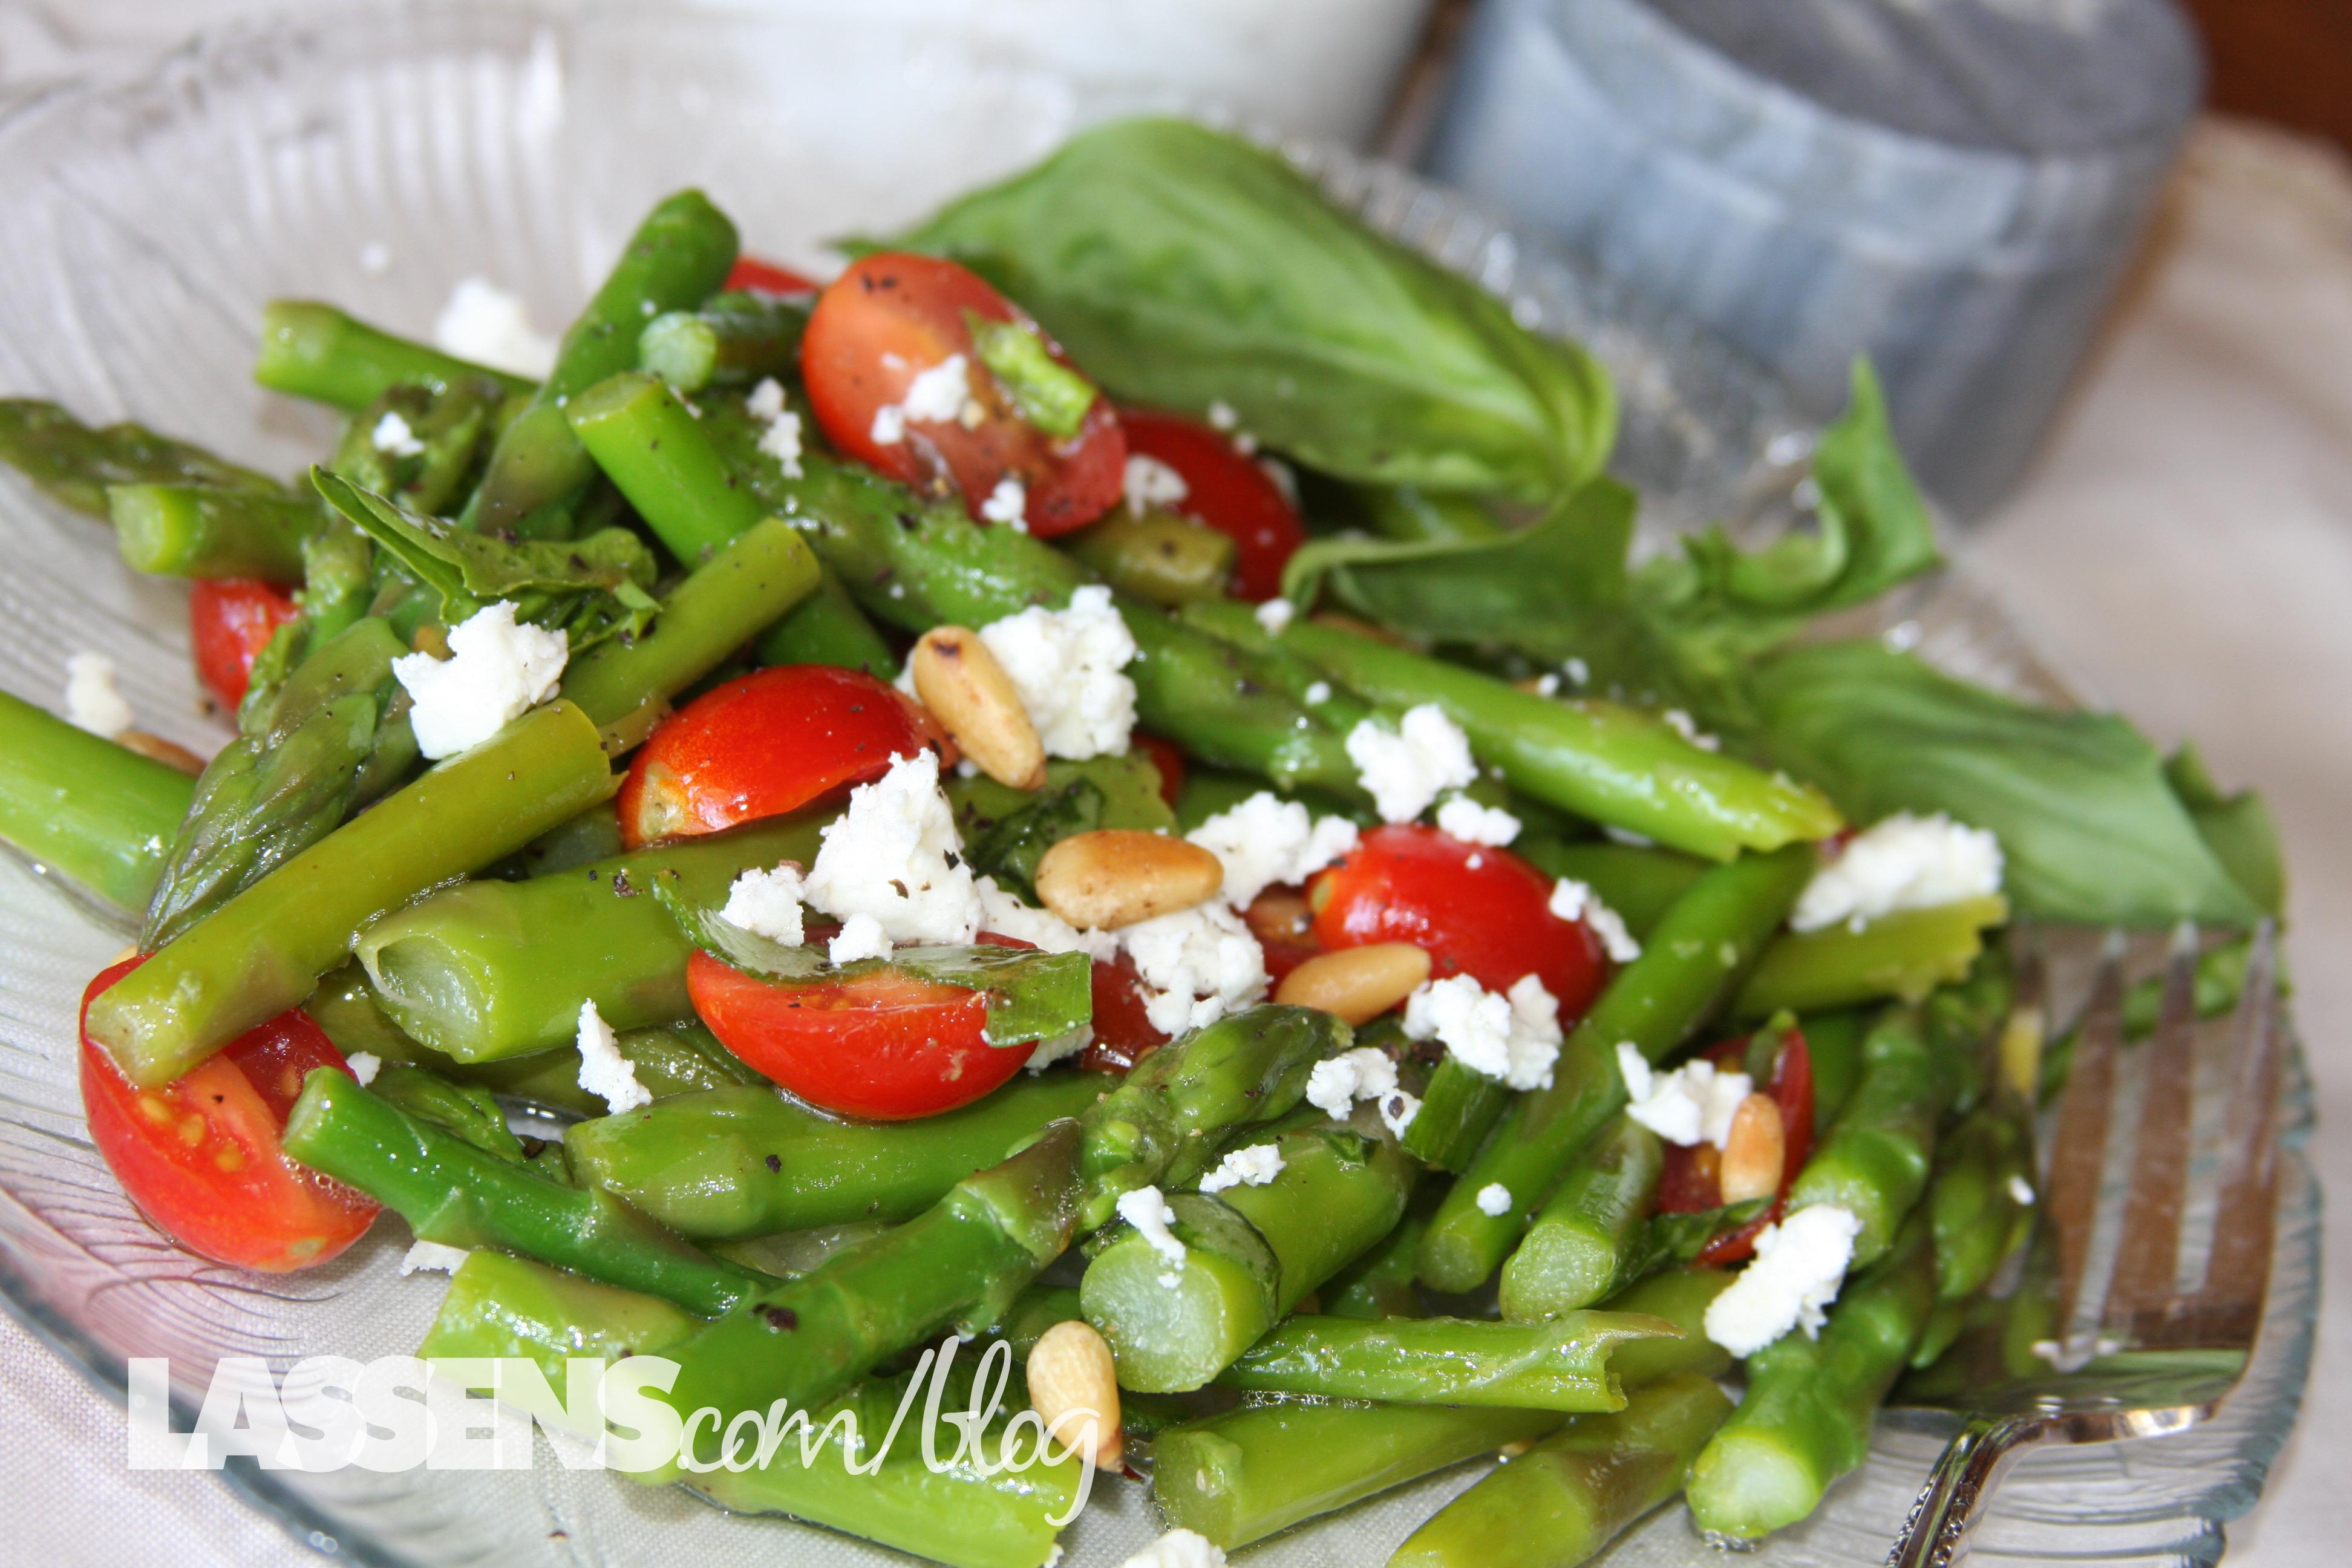 healthy+salad+recipes, salad+recipes, asparagus+salad, asparagus+recipes